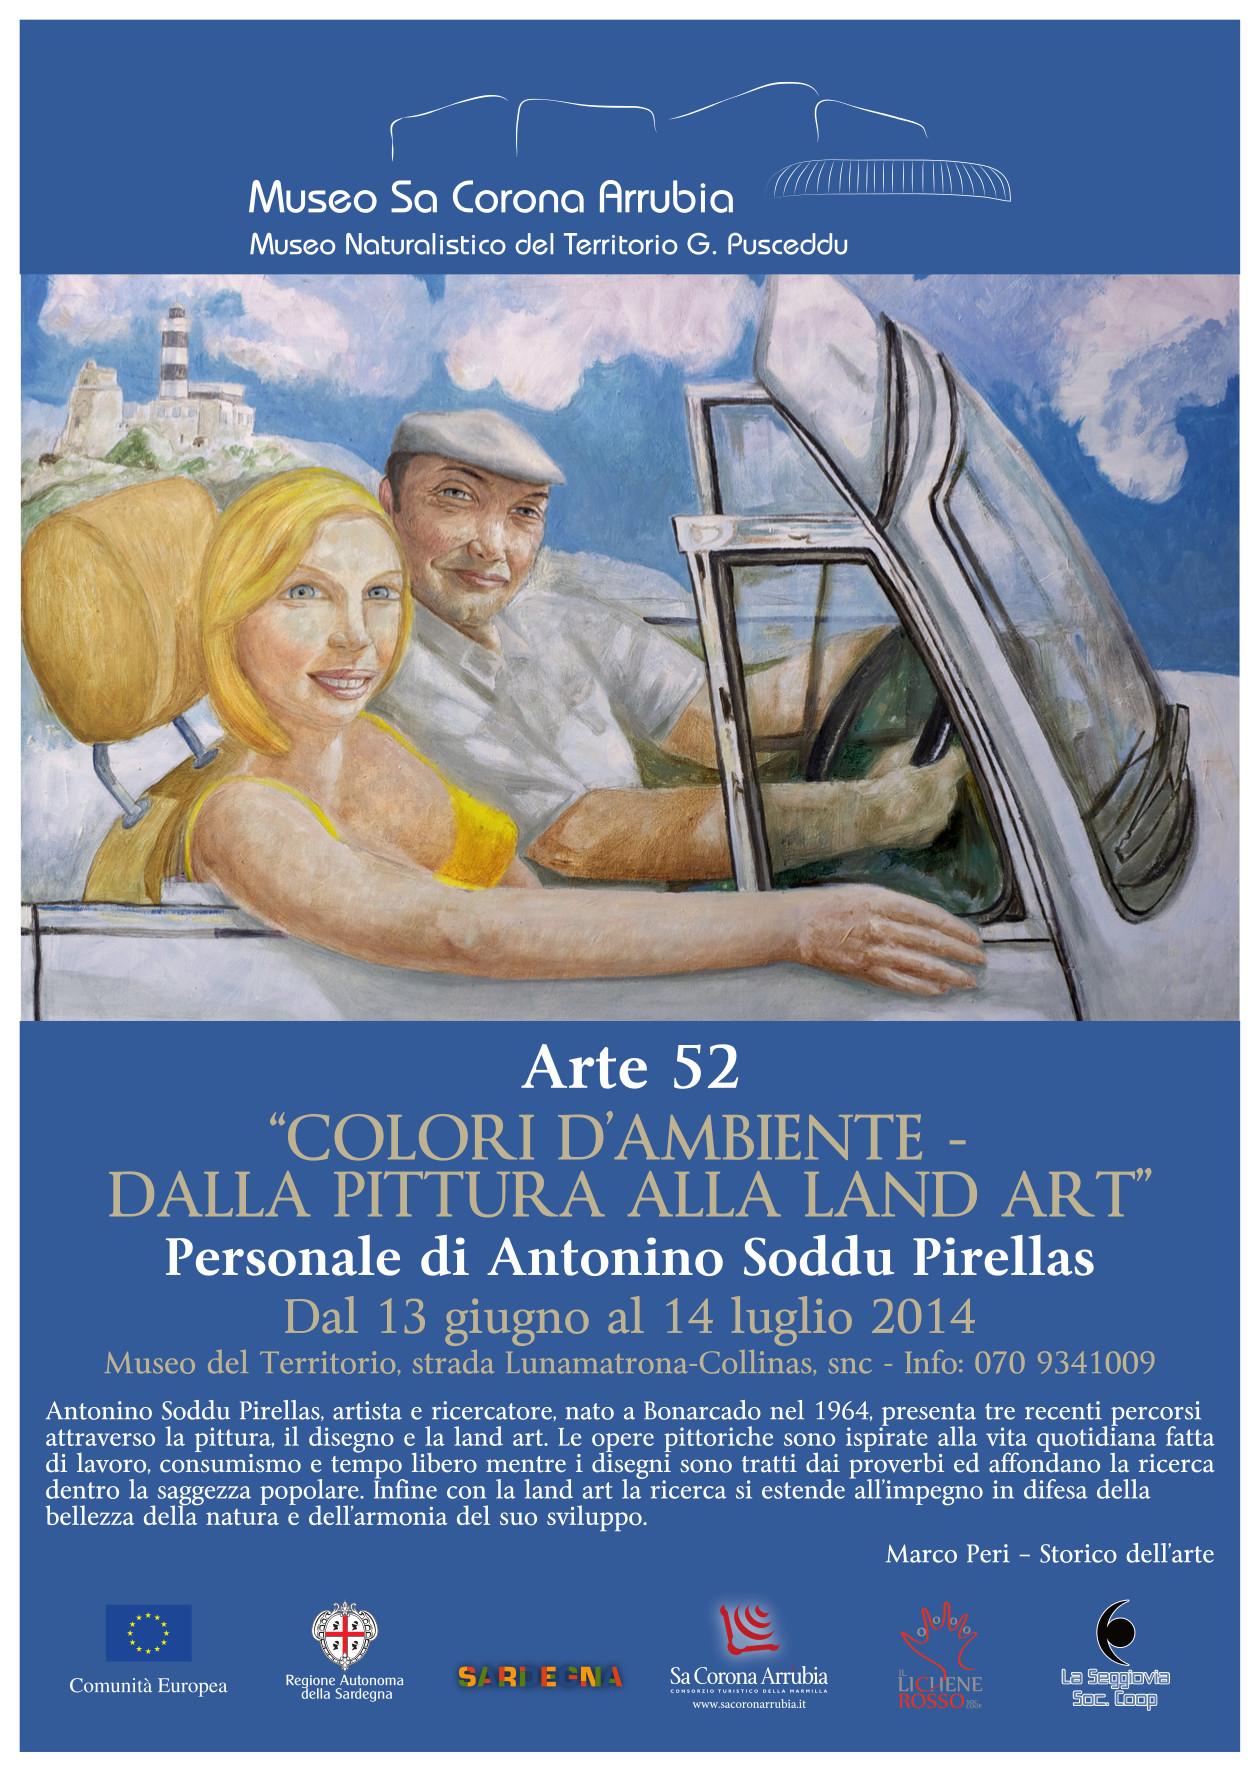 """Personale di Antonino Soddu Pirellas al Museo naturalistico del territorio """"G. Pusceddu"""" dal 13 giugno al 14 luglio 2014"""